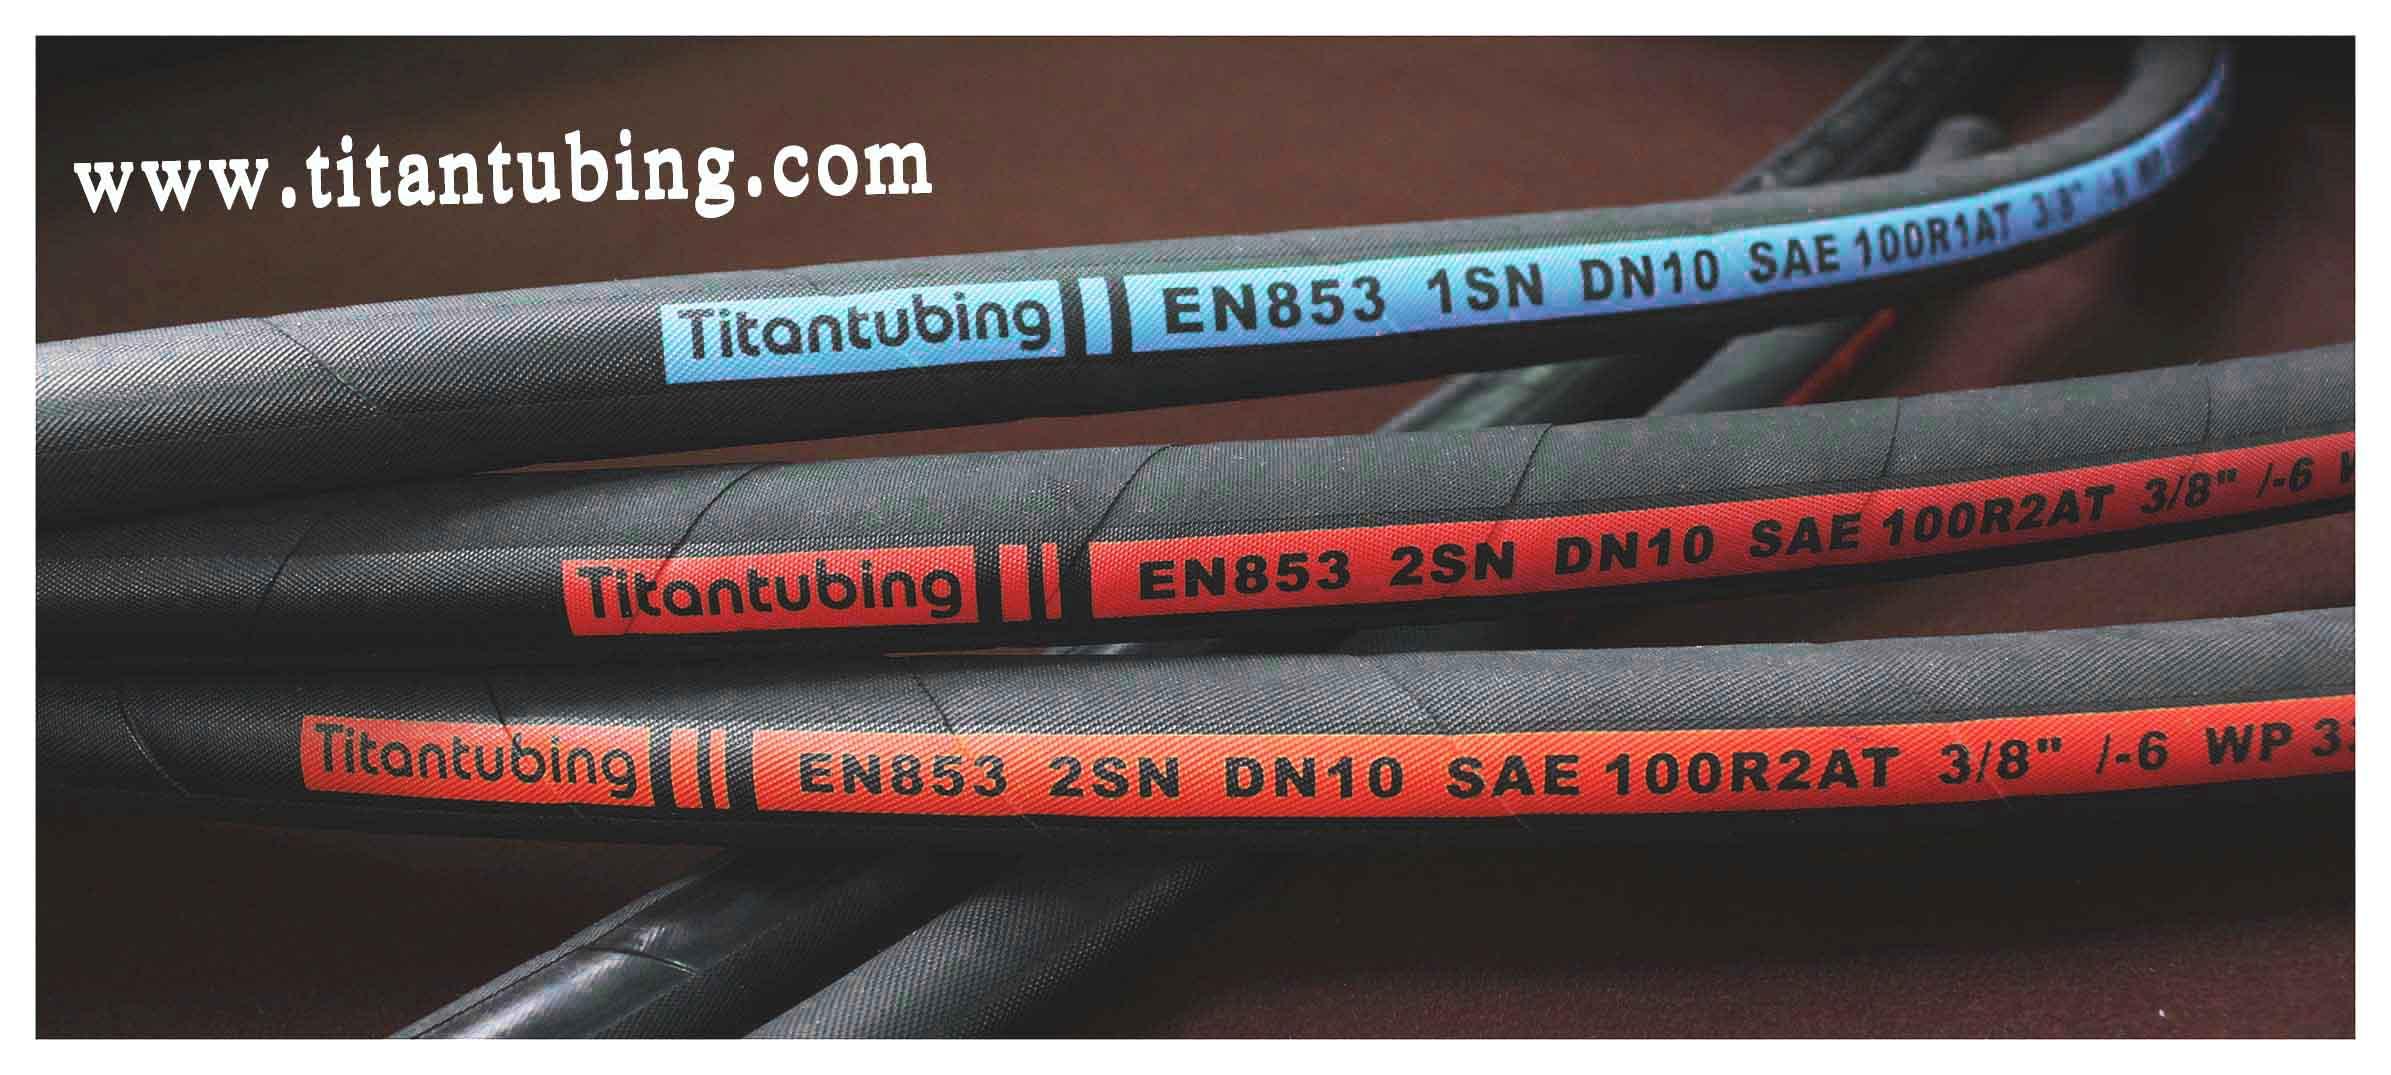 液压胶管 钢丝缠绕管 EN853 1SN/SAE100 燃油管 空气管 橡胶钢丝管  途奔液压多用途管